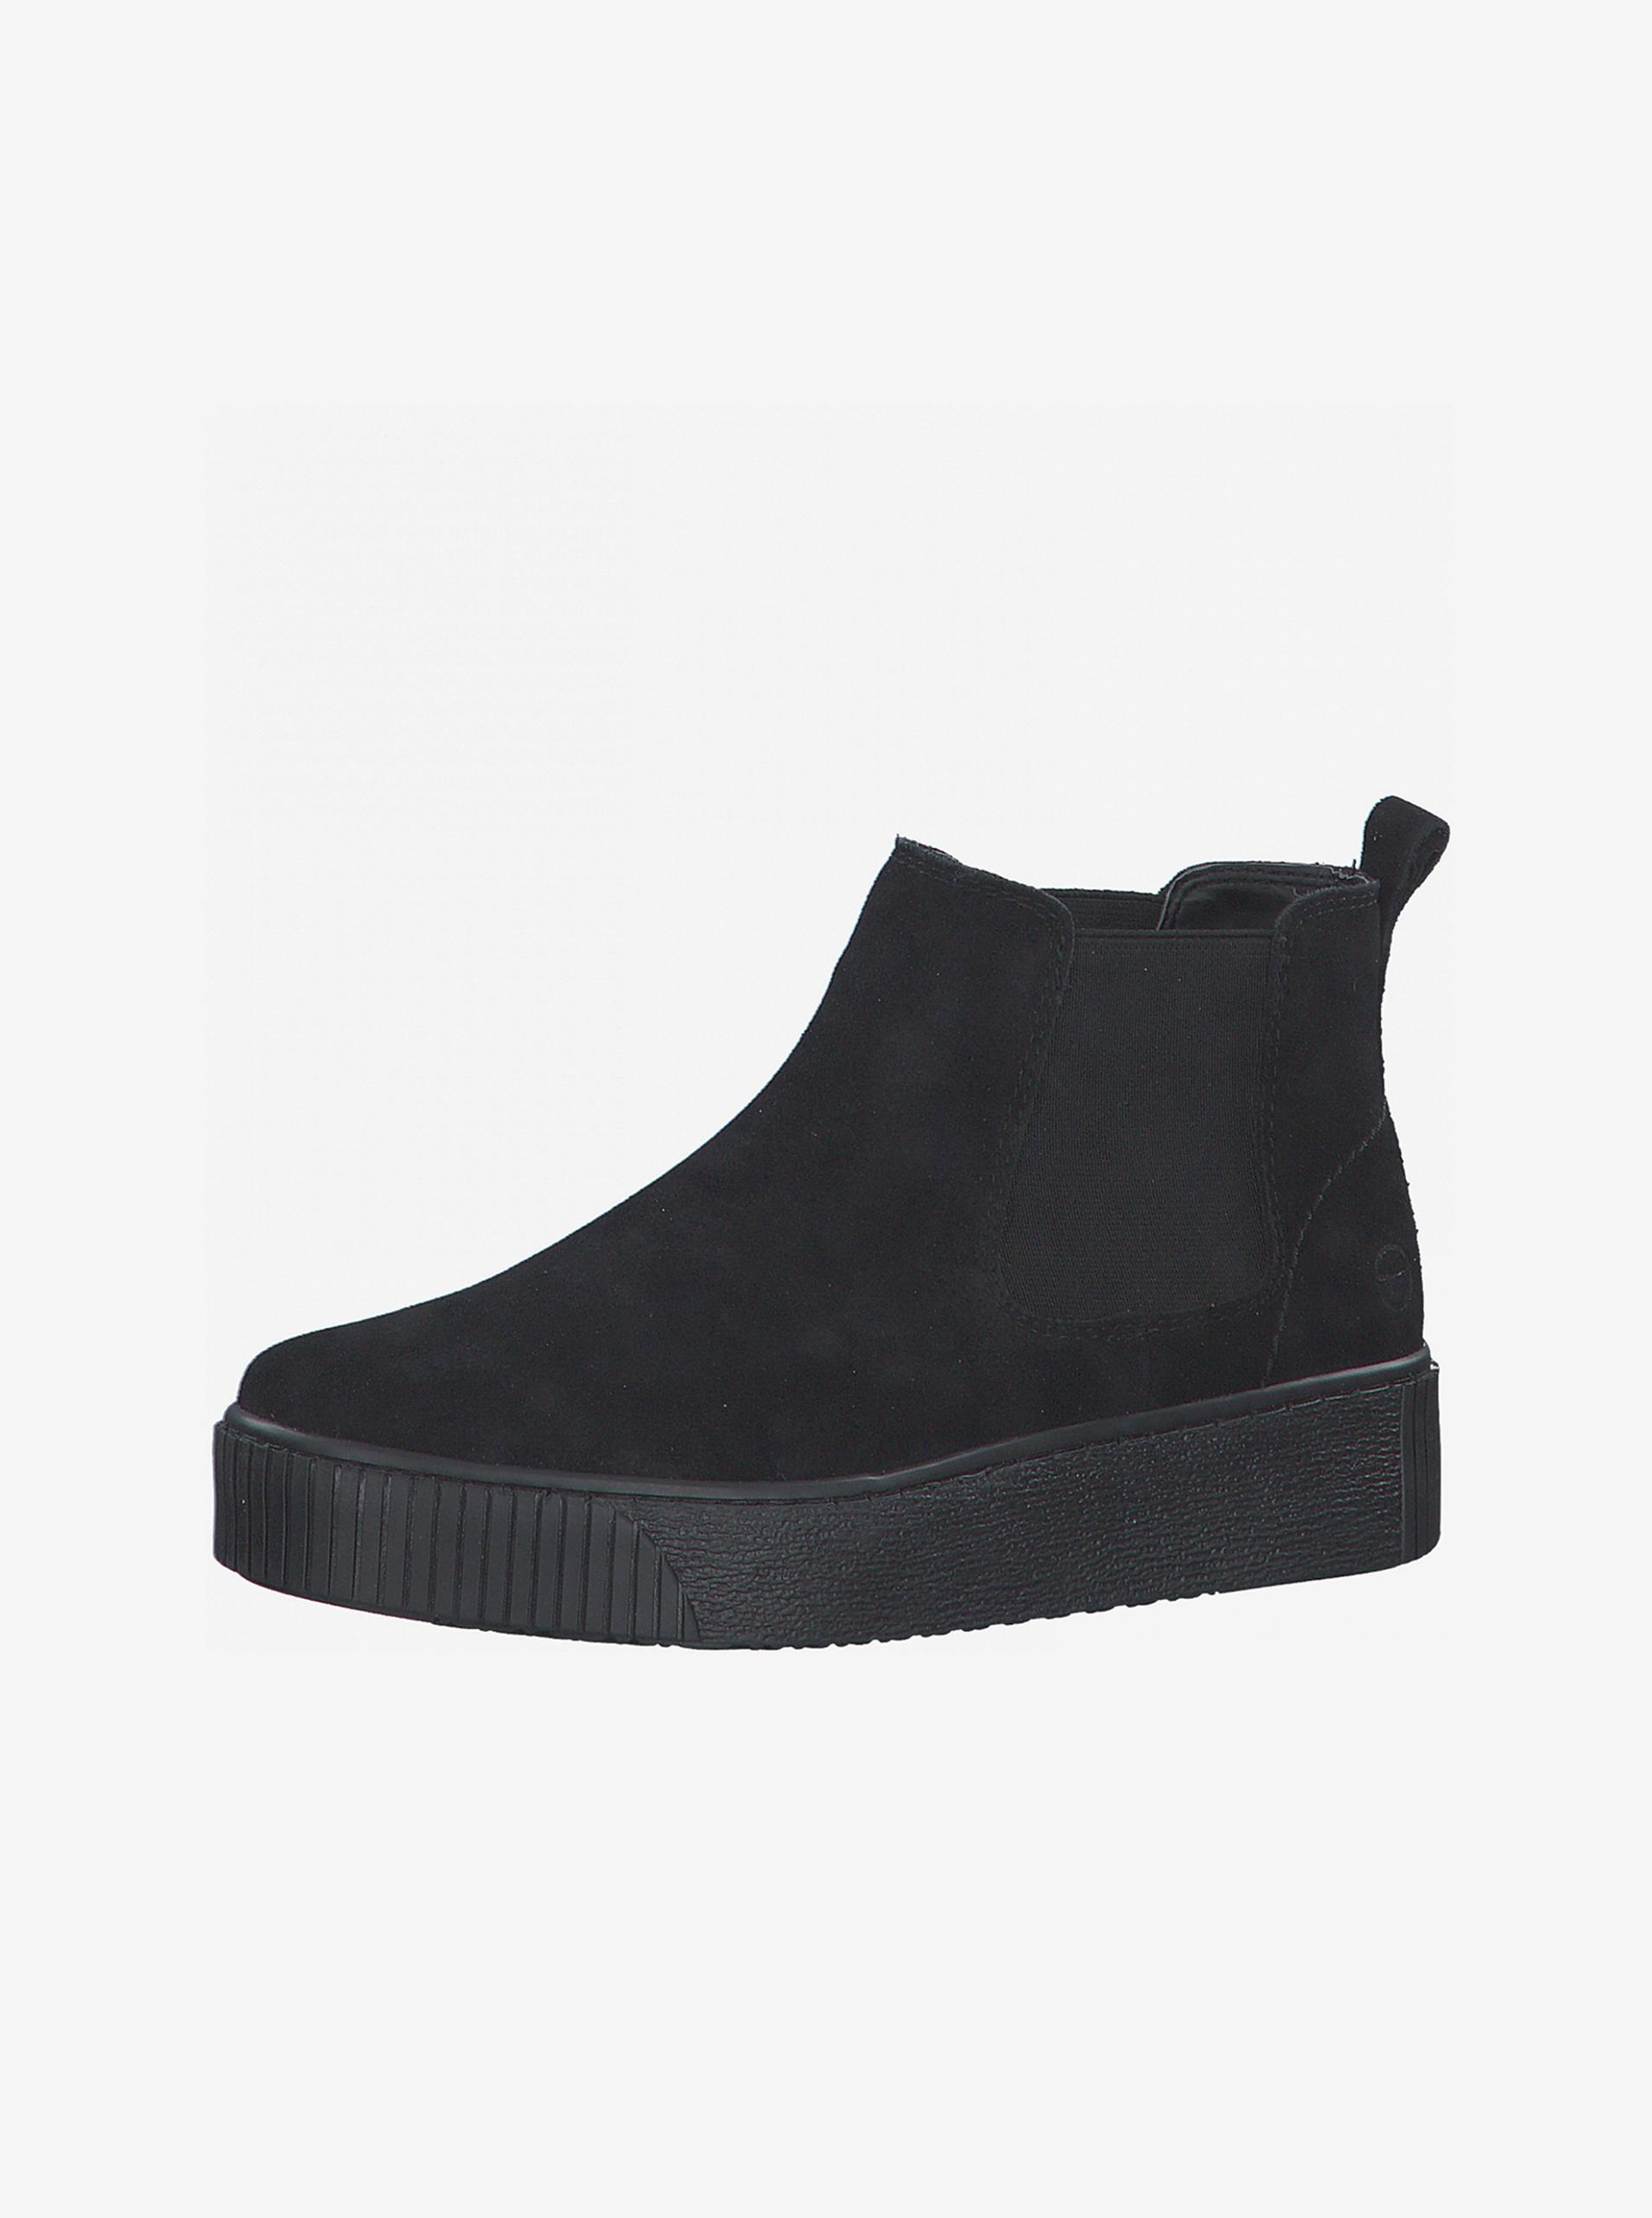 Tamaris černé semišové chelsea boty na platformě - 41